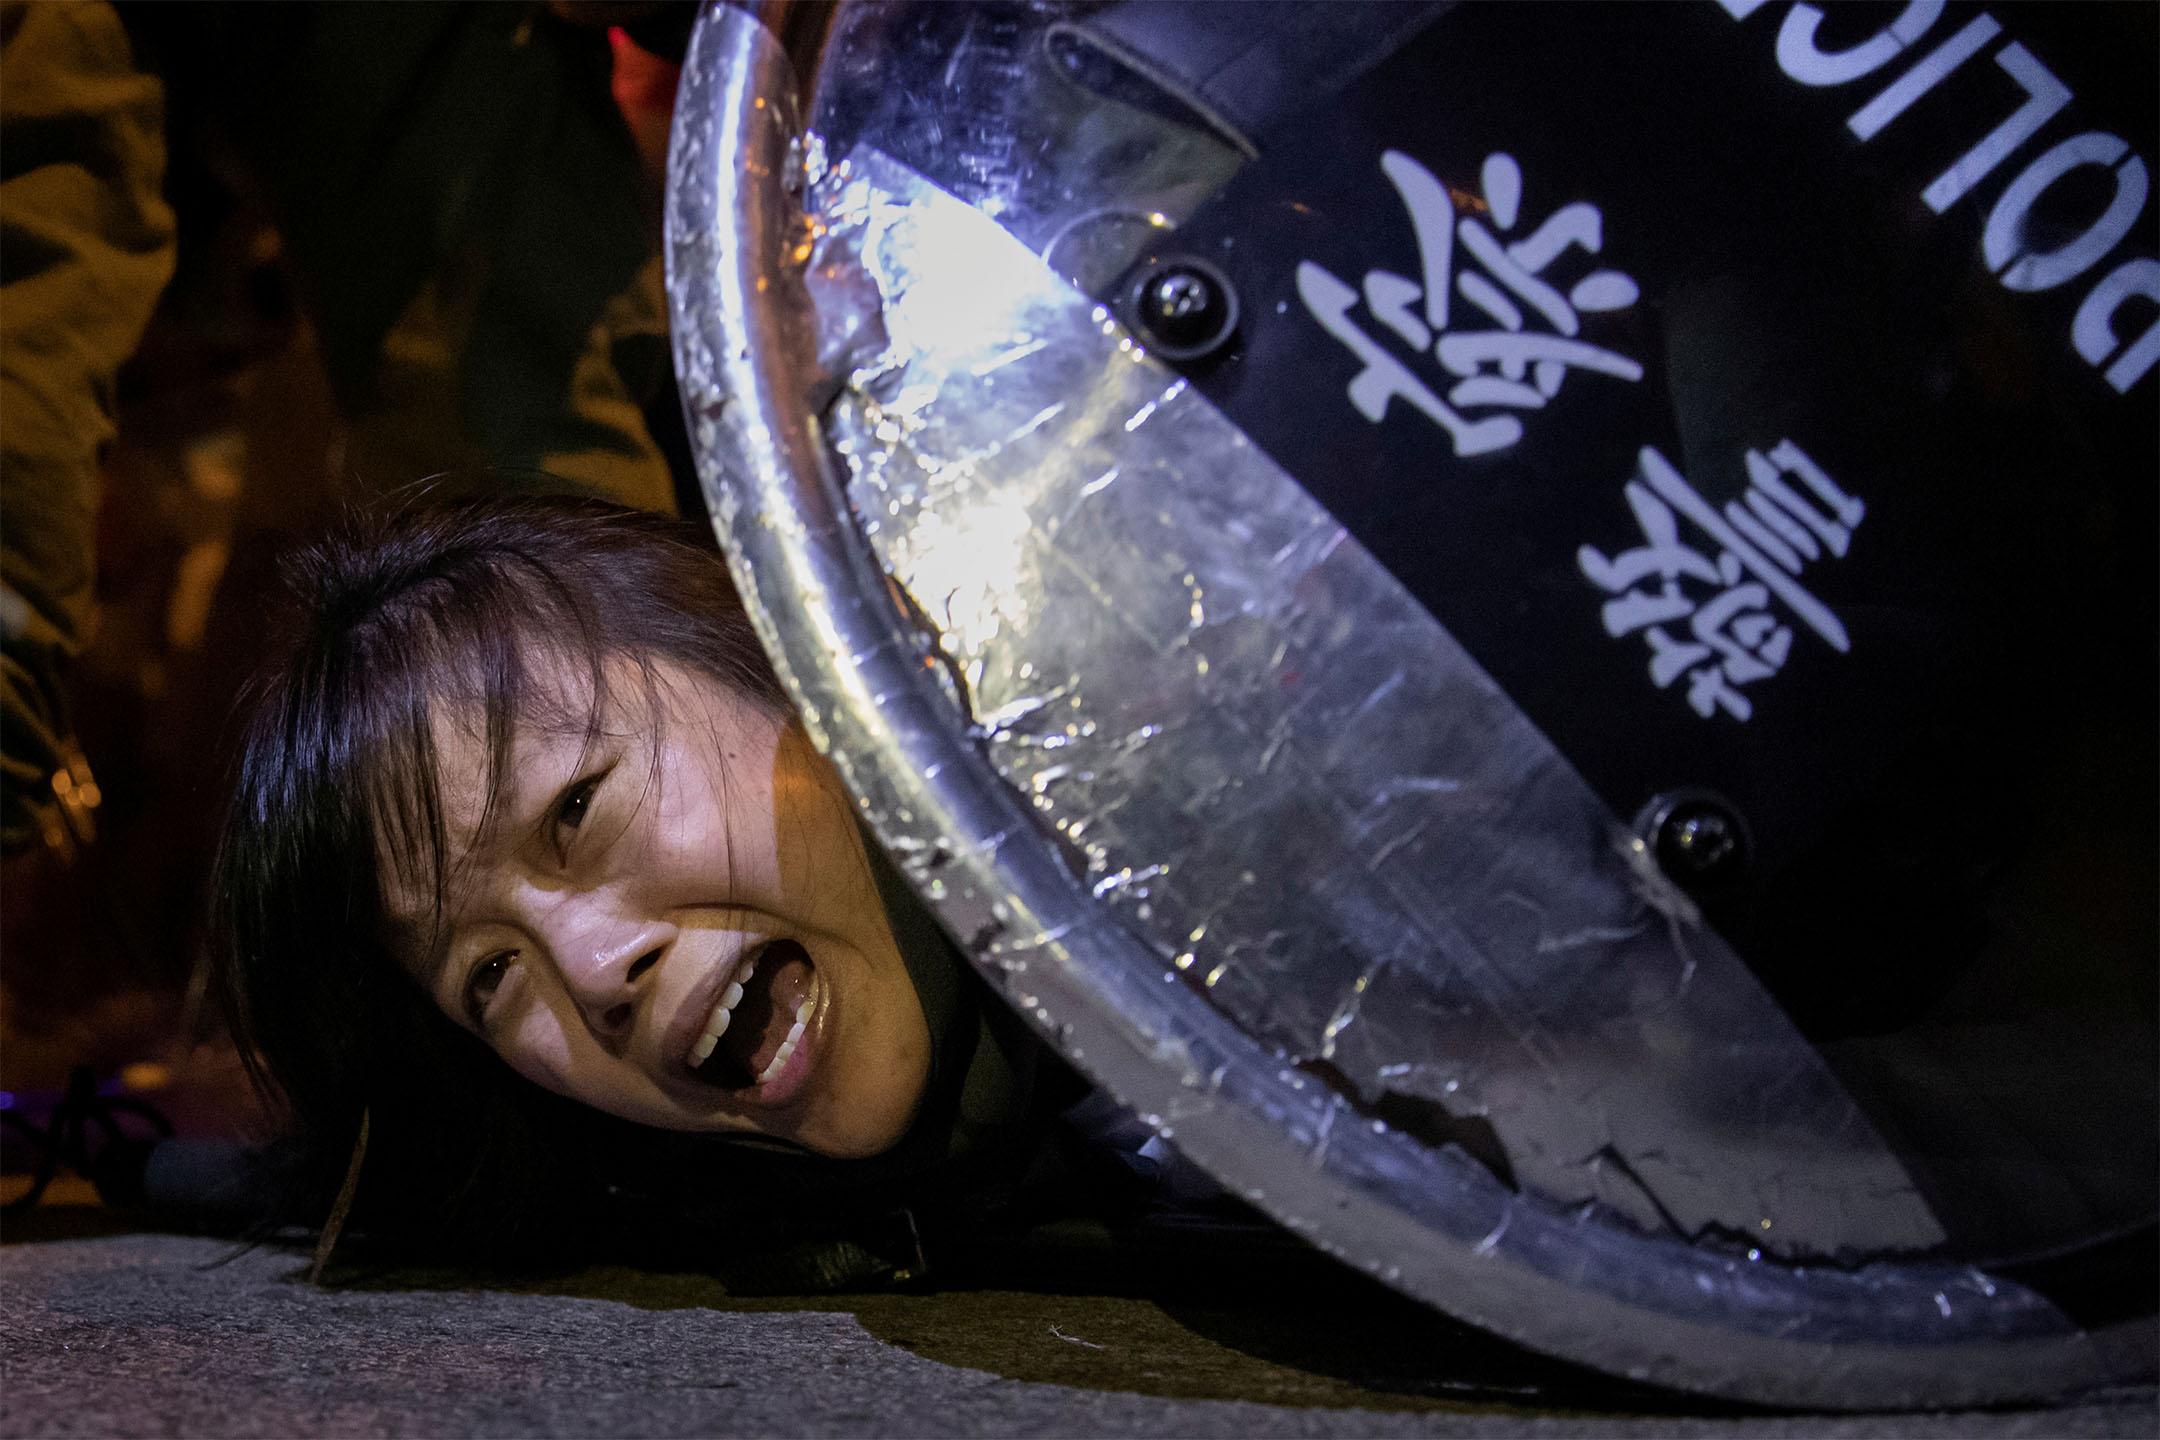 2019年9月2日香港旺角,警察與示威者之間發生衝突,一名抗議者被防暴警察拘捕。 攝:Tyrone Siu/Reuters/達志影像